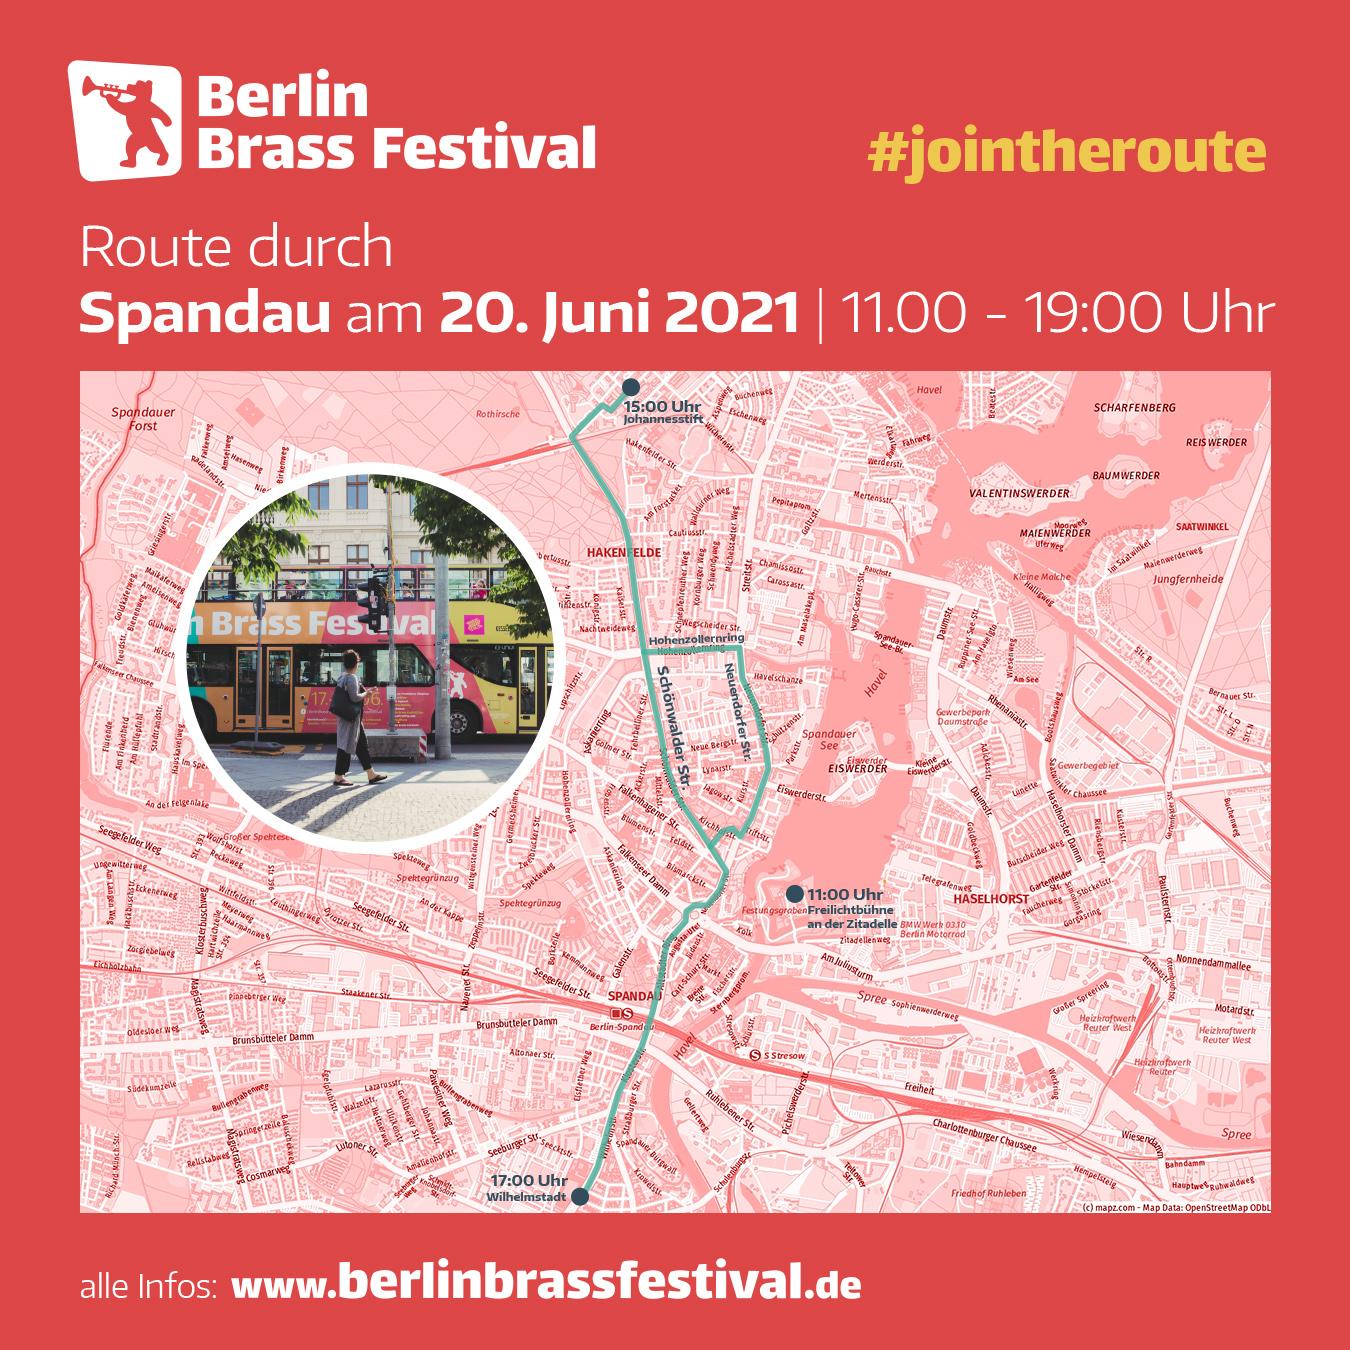 Berlin Brass Festival 2021 Route Spandau